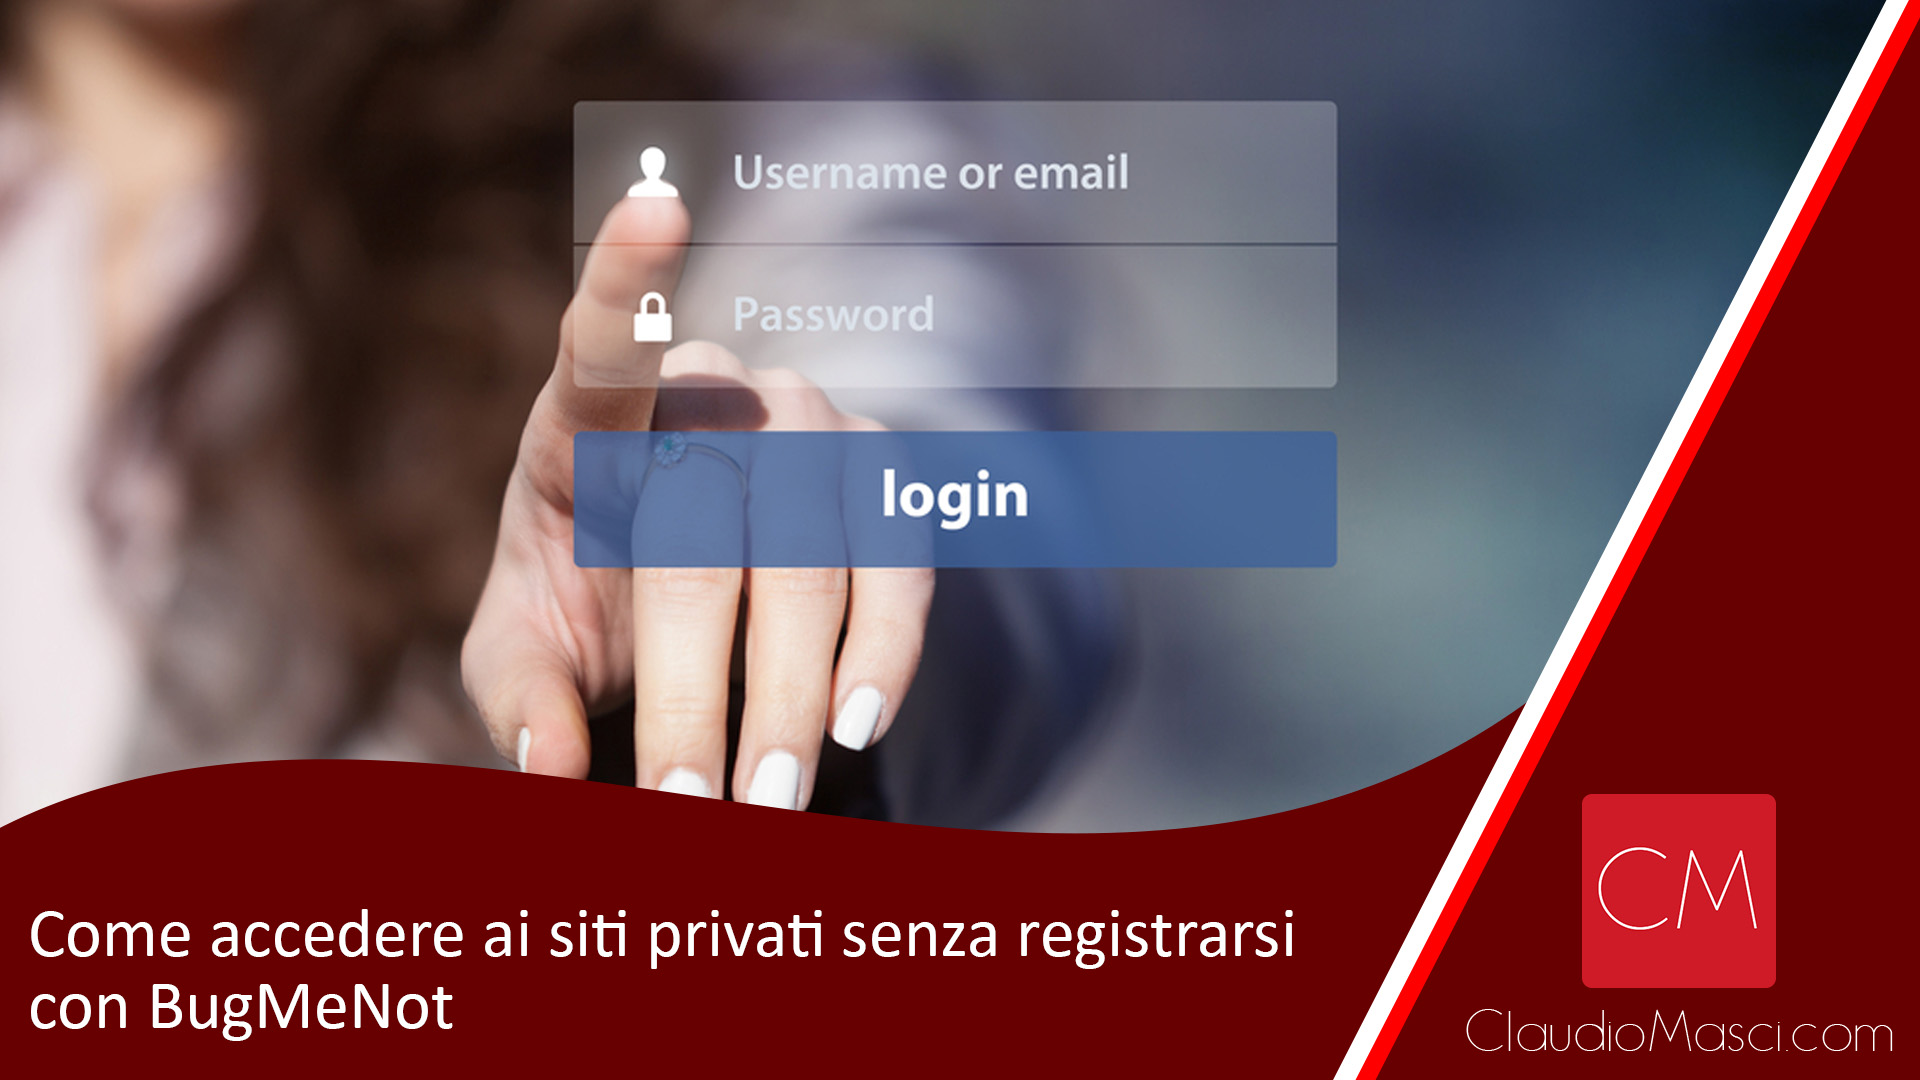 Come accedere ai siti privati senza registrarsi con BugMeNot